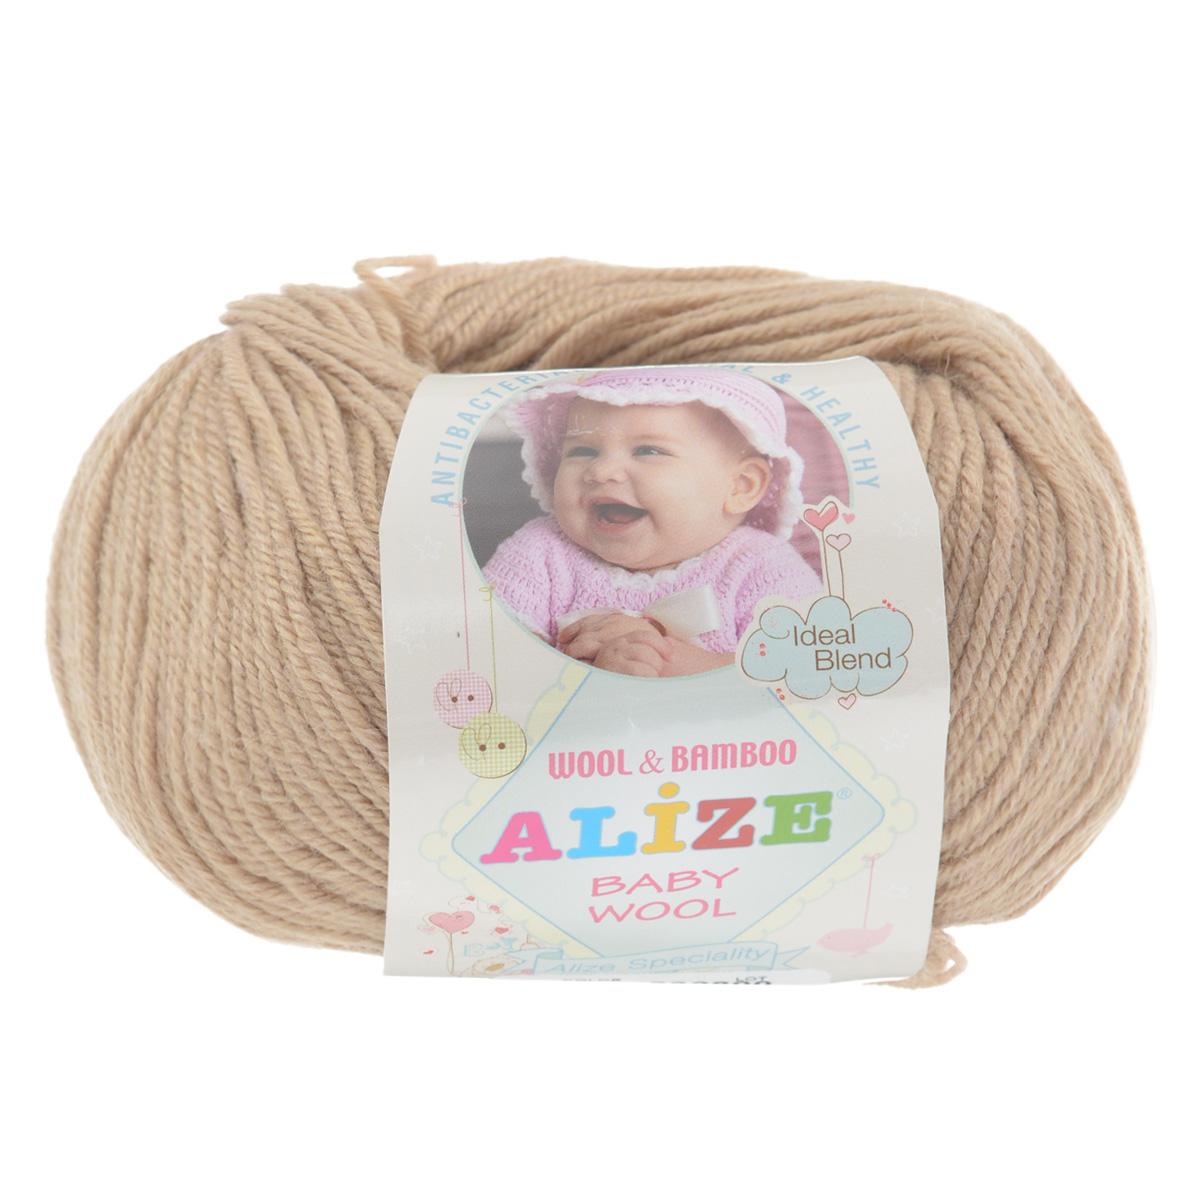 Пряжа для вязания Alize Baby Wool, цвет: светло-коричневый (75), 175 м, 50 г, 10 шт686501_75Детская пряжа для вязания Baby Wool изготовлена из очень мягкой и высококачественной натуральной шерсти и бамбука. Из пряжи Baby Wool получается тонкий, но очень теплый трикотаж для ребенка. Акрил в составе нитей допускает легкую машинную стирку вещей. Цветовая палитра включает в себя цветовые комбинации, которые подходят как для мальчиков, так и для девочек. Комплектация: 10 мотков. Состав: 40% шерсть, 40% акрил, 20% бамбук.